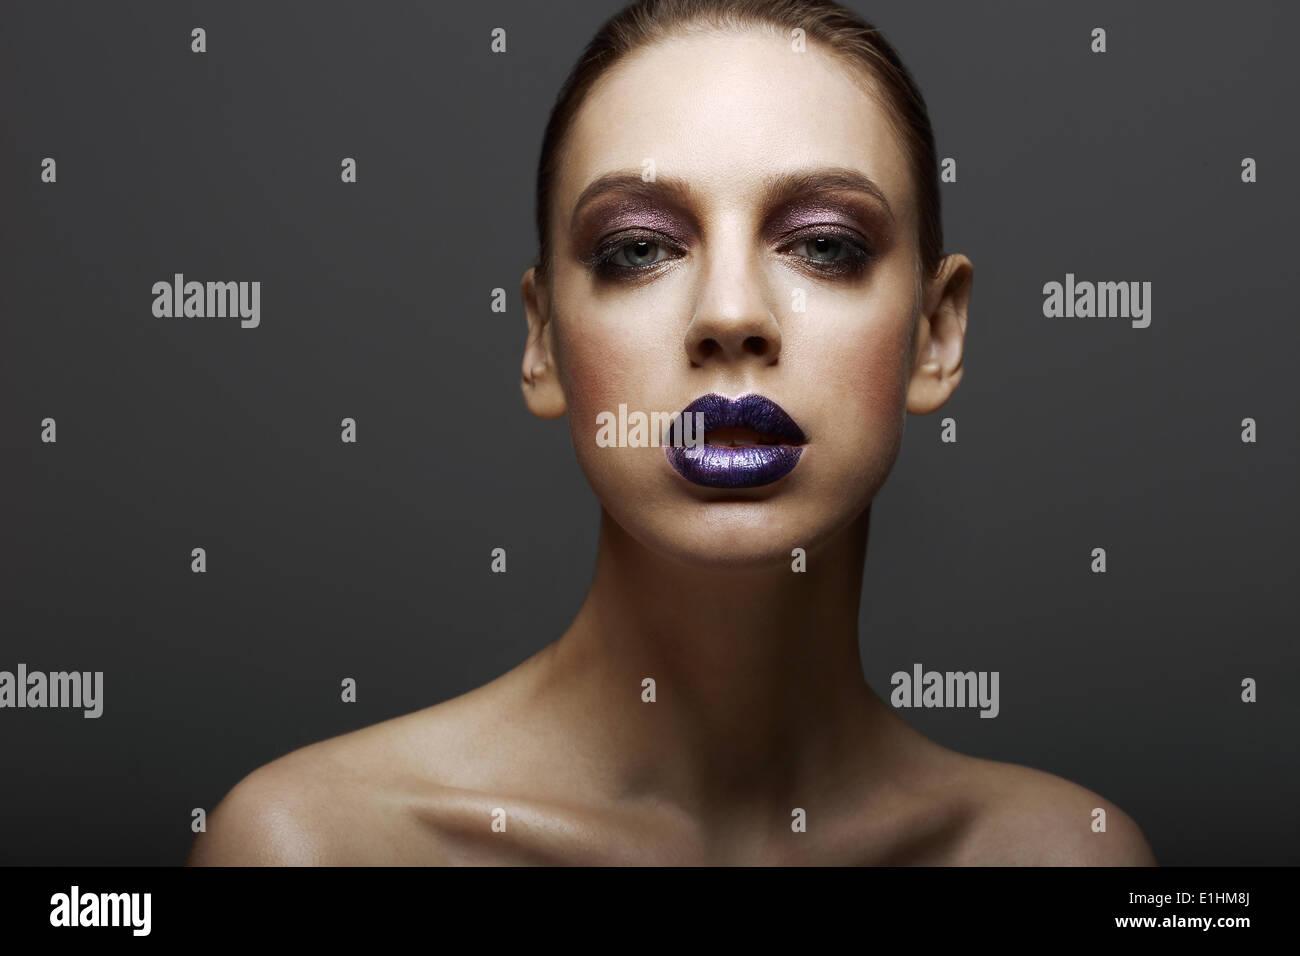 Glam. Elegante donna ambiziosa con finitura lucida Bright trucco. Eleganza Immagini Stock